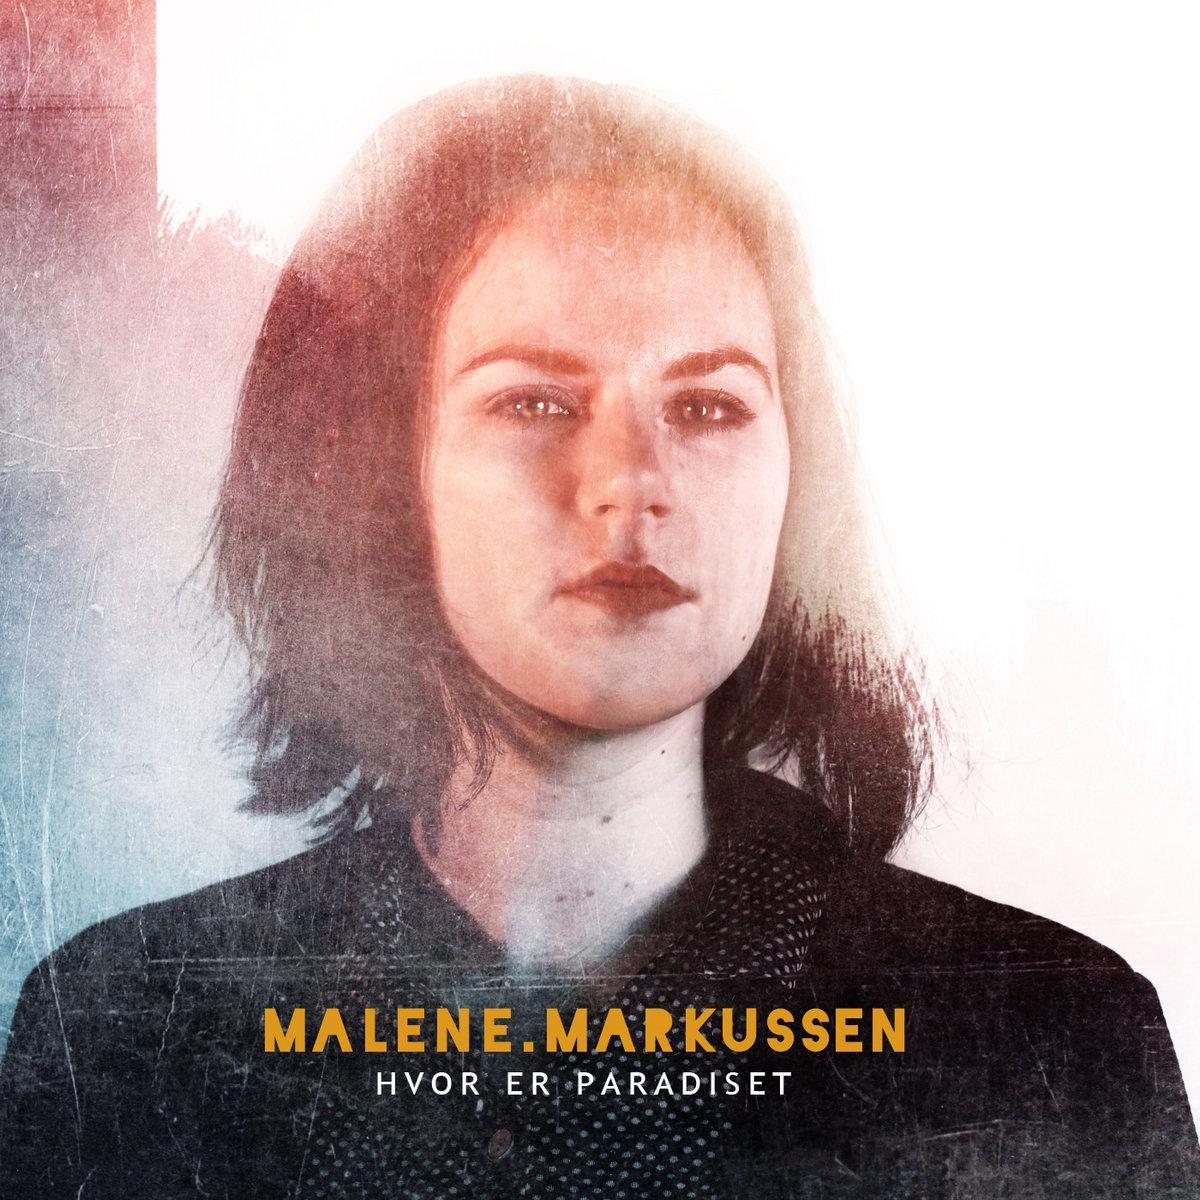 Hvor er paradiset by Malene Markussen